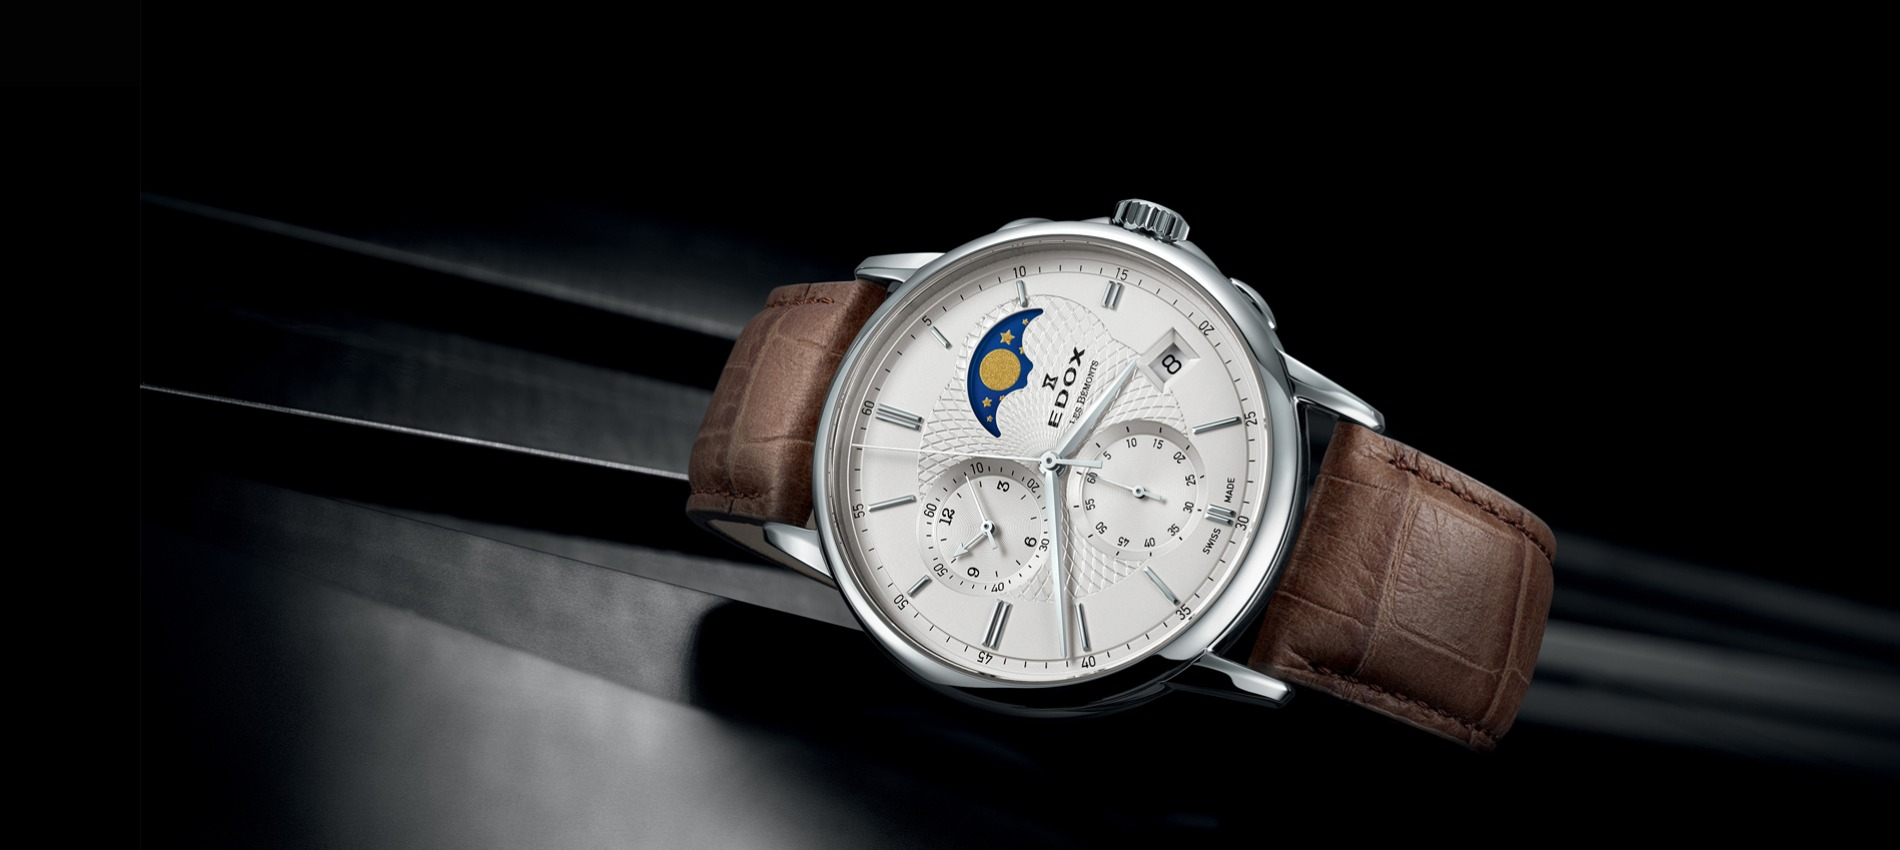 ae6b0f0b9 EDOX - švýcarské hodinky